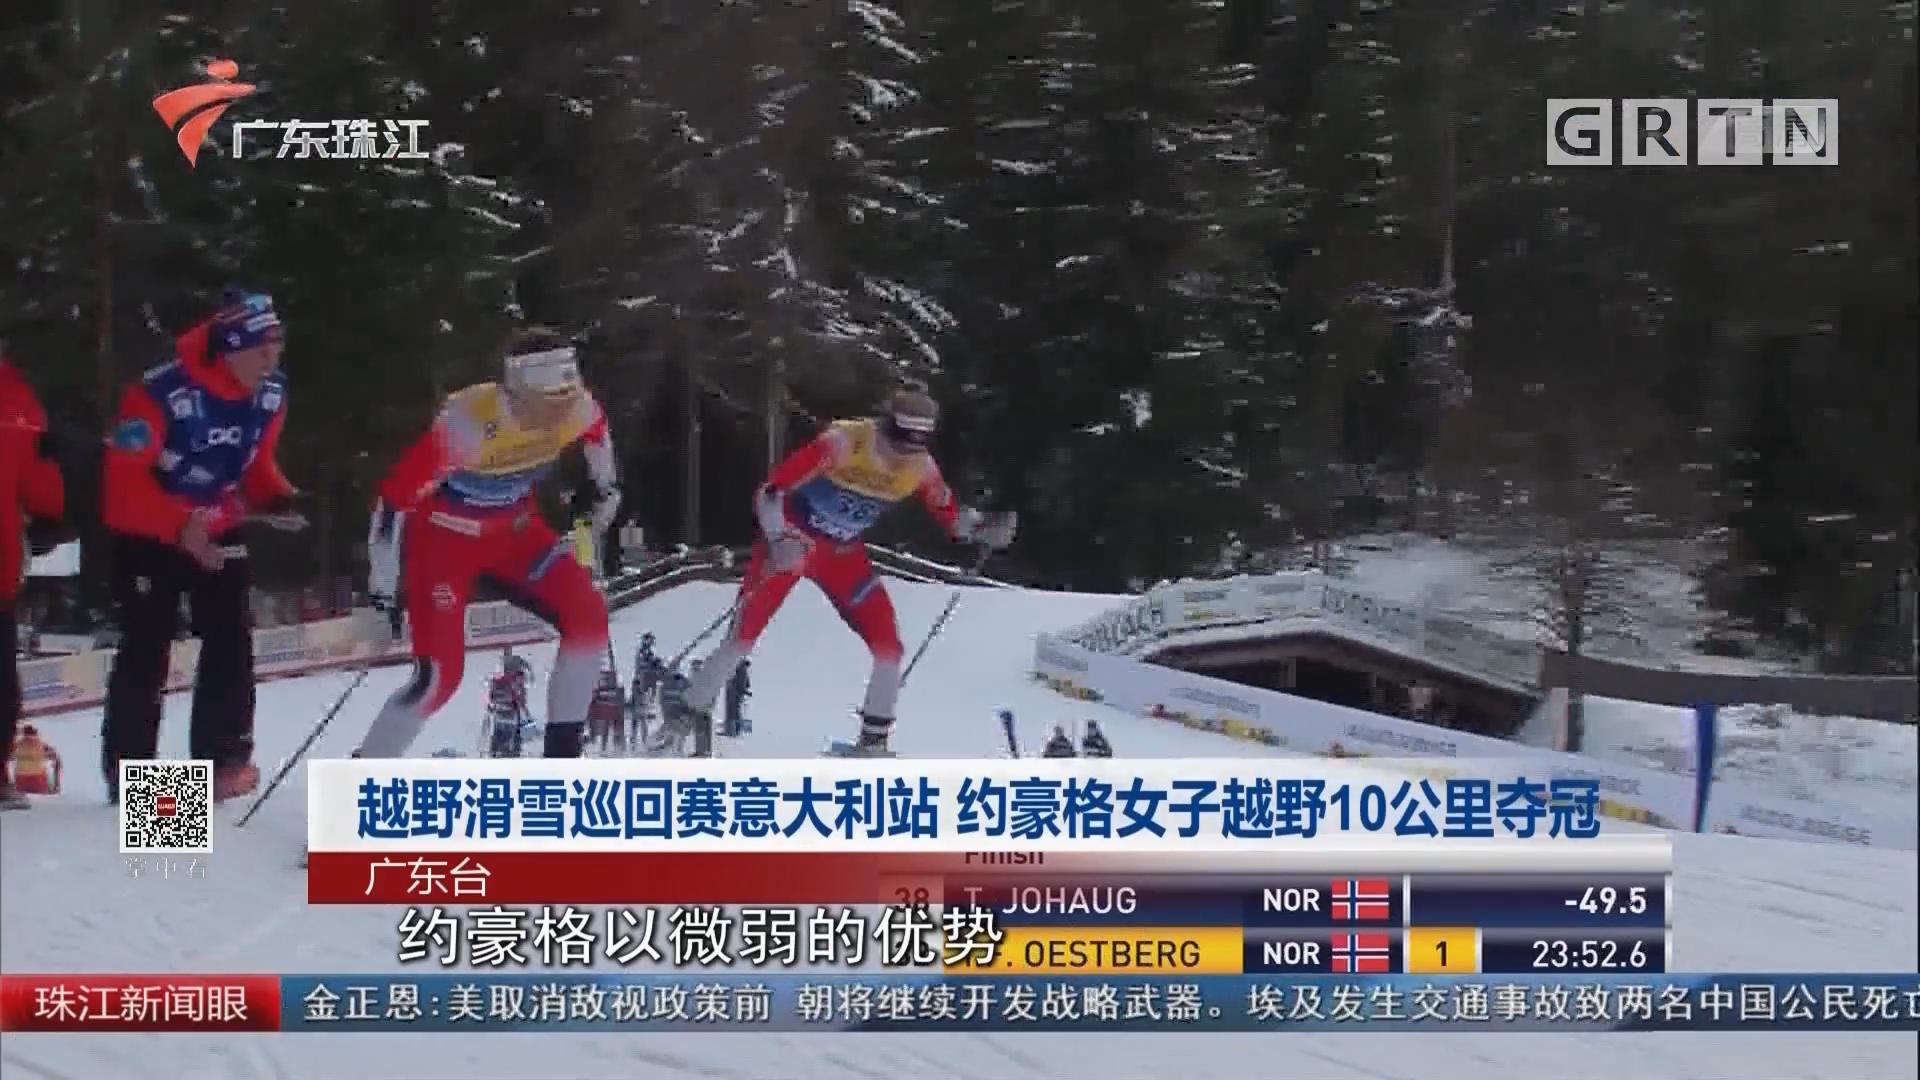 越野滑雪巡回赛意大利站 约豪格女子越野10公里夺冠